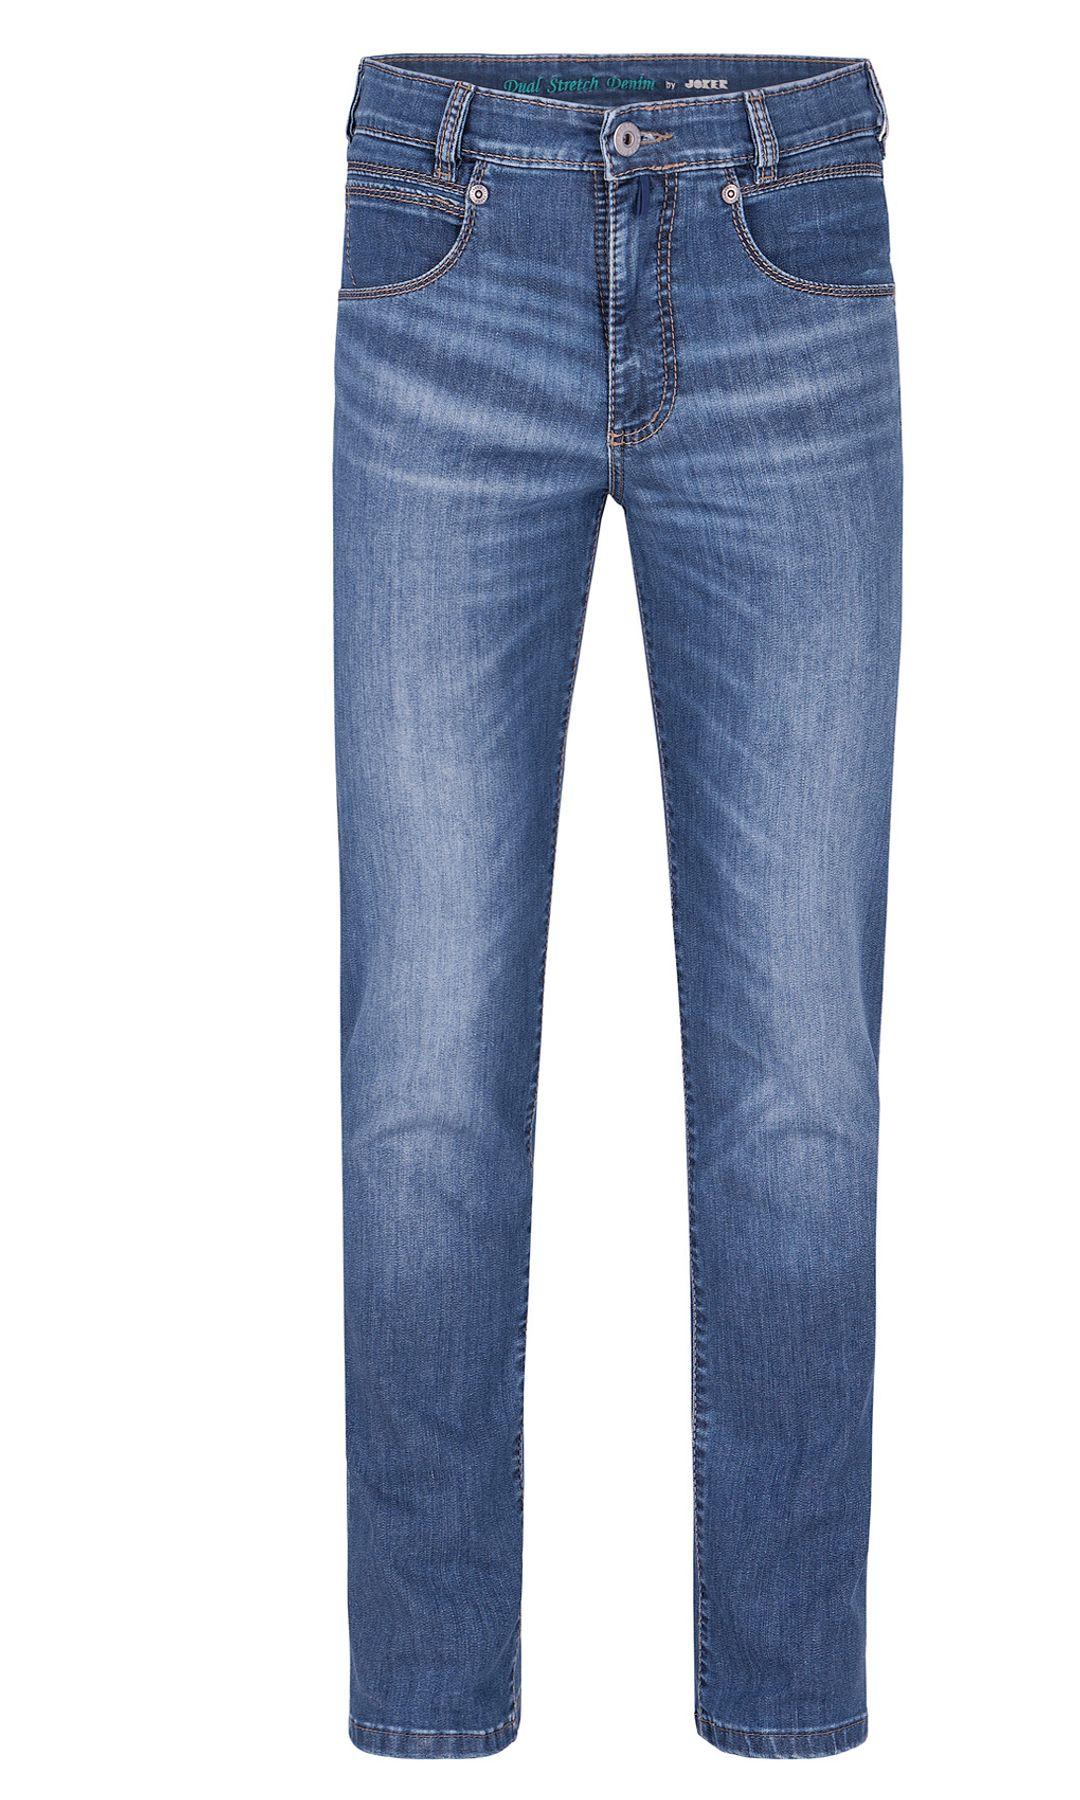 Joker- Herren 5-Pocket Premium Jeans- schlanke Jeans mit Stretch - Artikel Freddy (1982443) – Bild 4